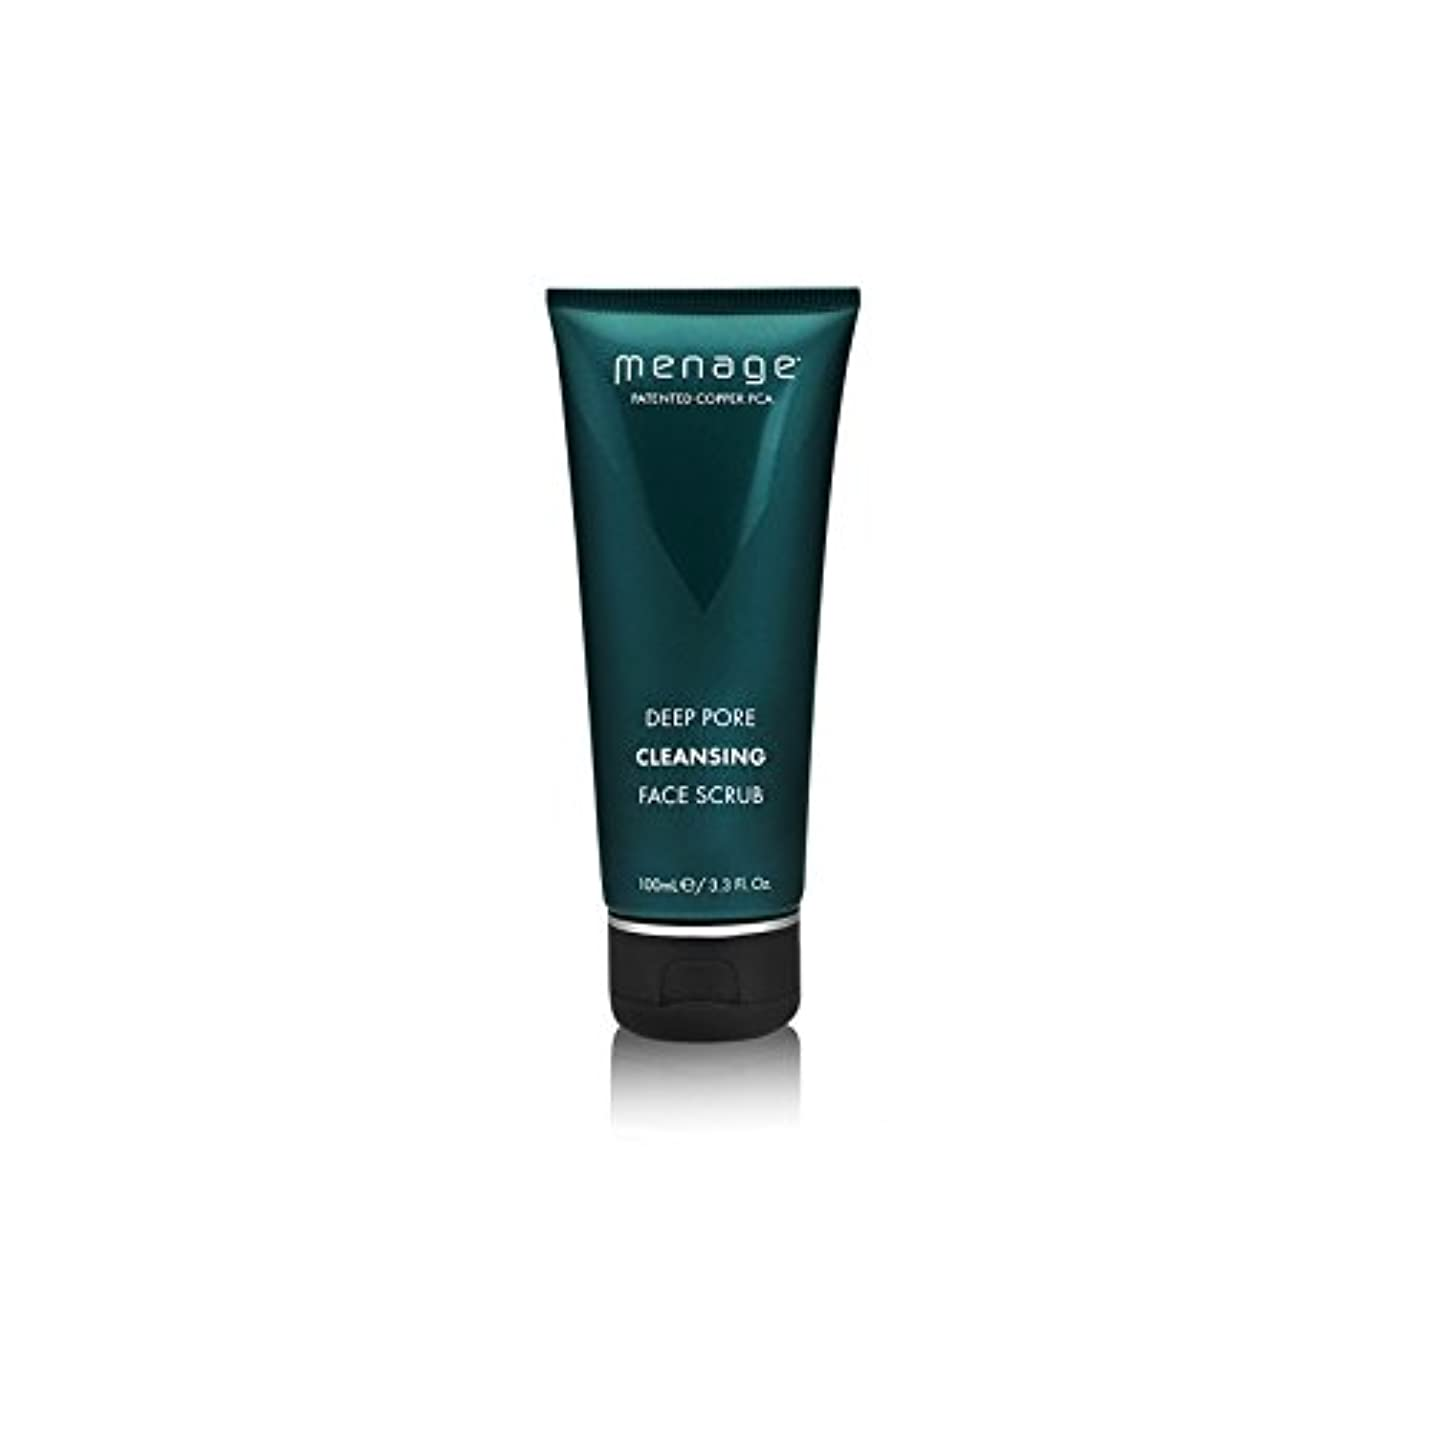 美人偶然のふさわしいメナージュ深いポアクレンジングフェイススクラブ(100ミリリットル) x4 - Menage Deep Pore Cleansing Face Scrub (100ml) (Pack of 4) [並行輸入品]